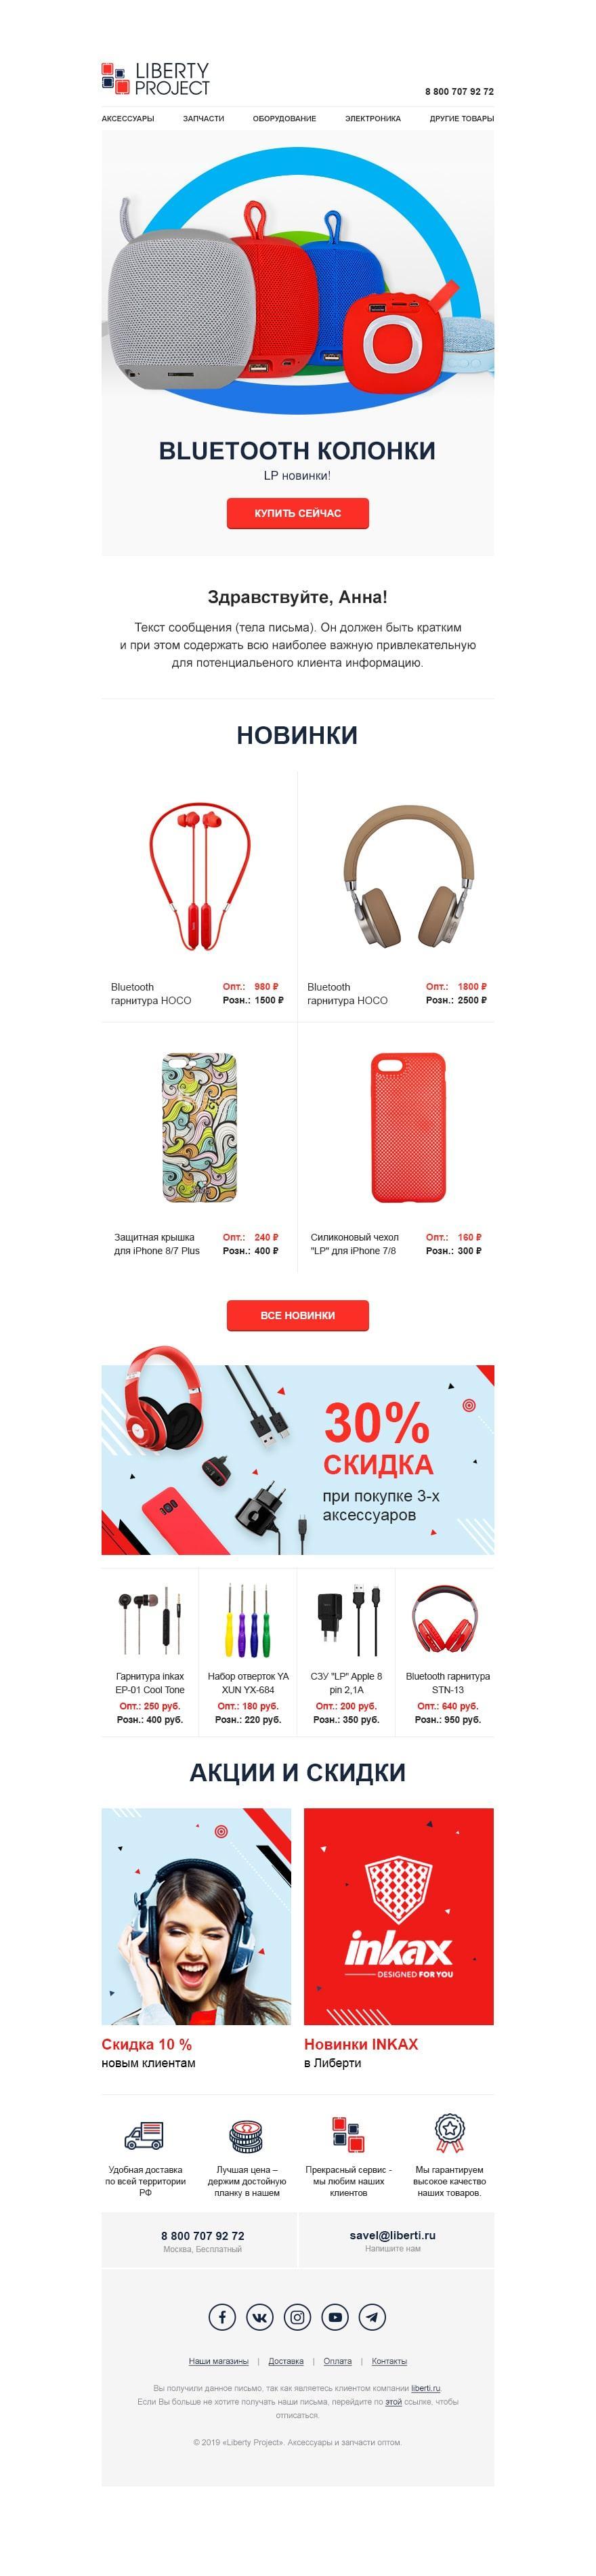 Хиты продаж и новинки от интернет-магазина телефонных аксессуаров